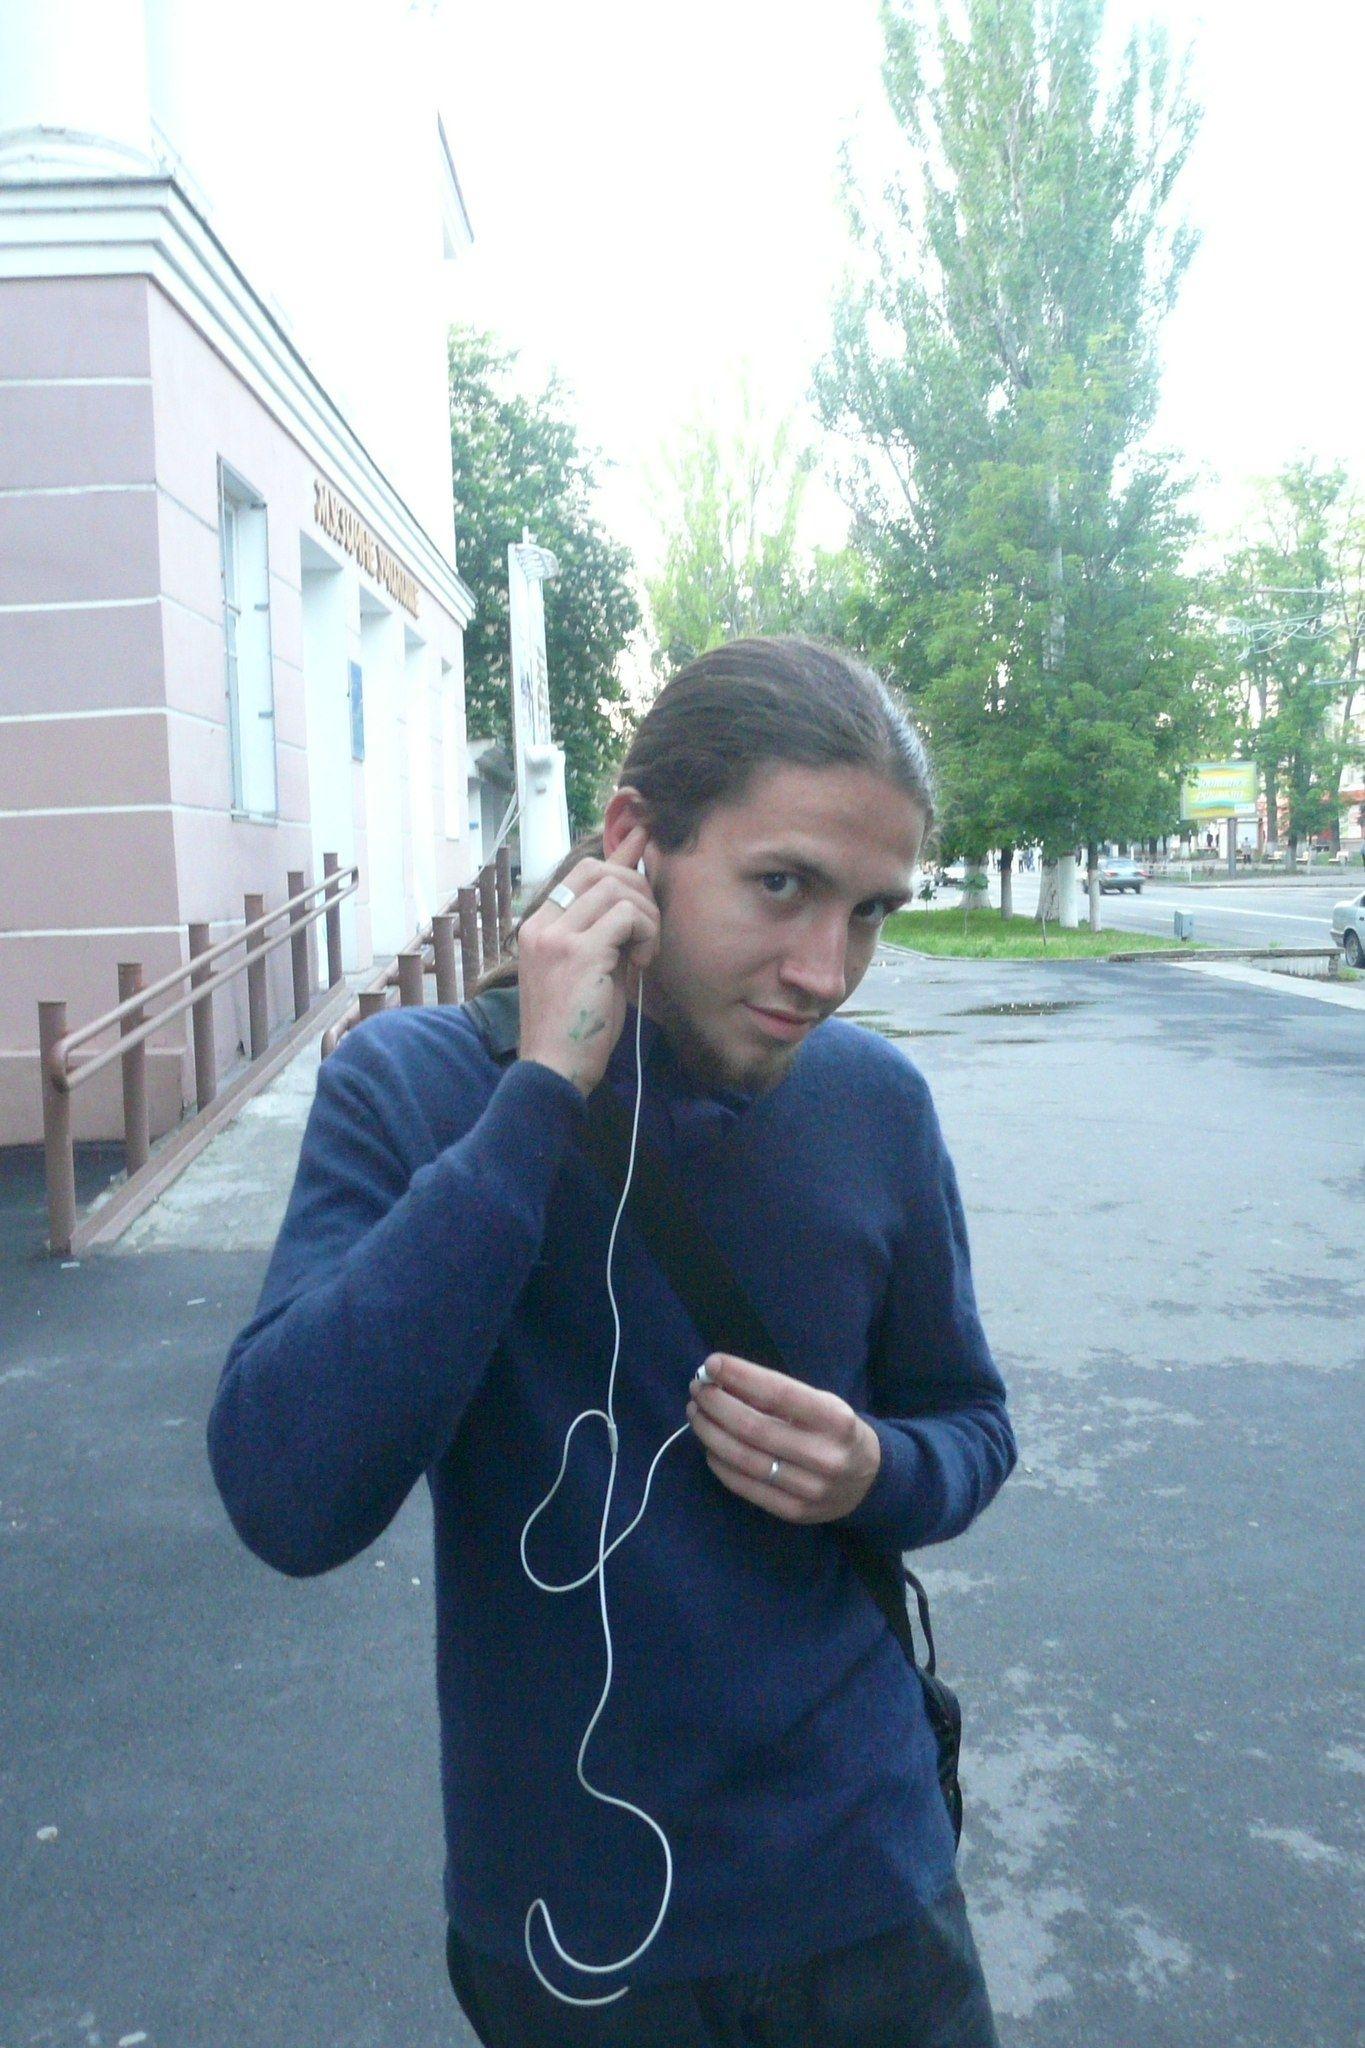 Игорь, 18 лет, музыкант. Сейчас играет: Силуэты - Лоботомия. Обычно слушаю хард-рок, хэви-метал, дет-метал. Из отечественного сл